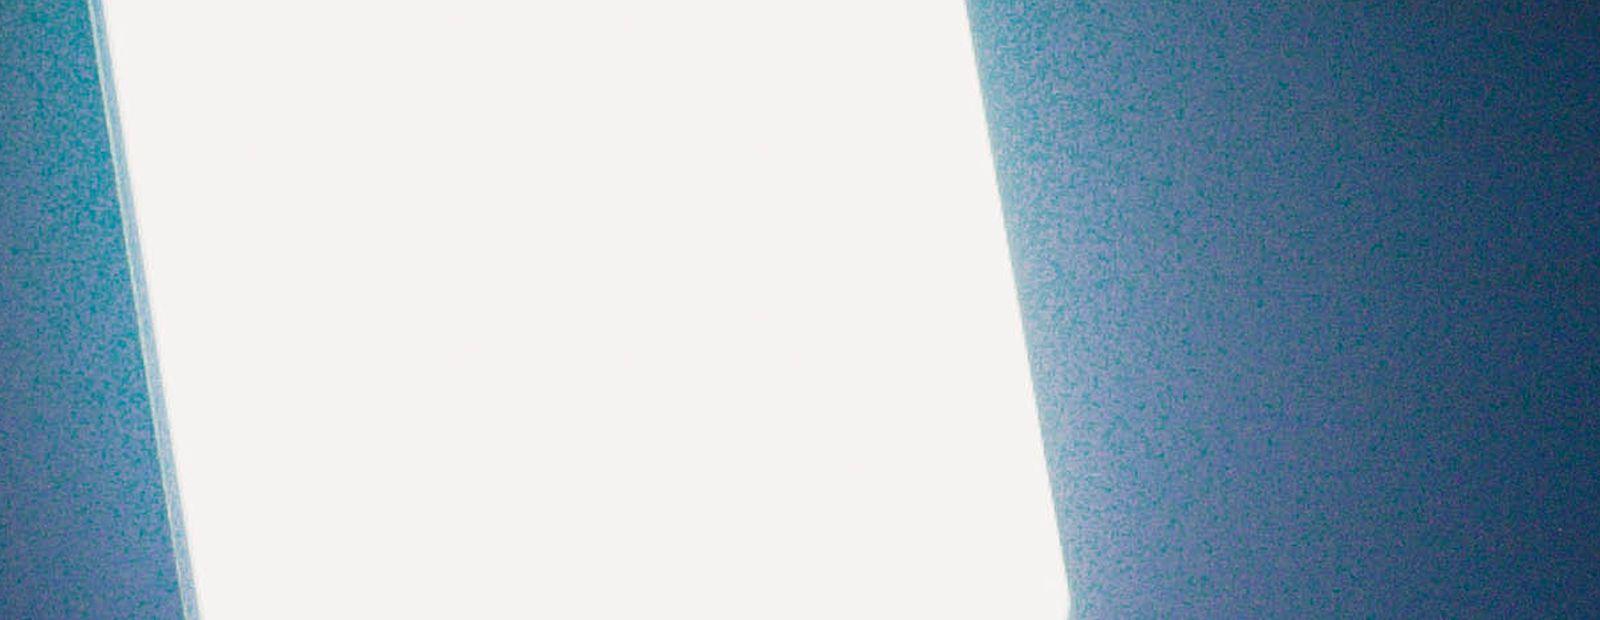 Statement on behalf of McLaren Racing from Zak Brown